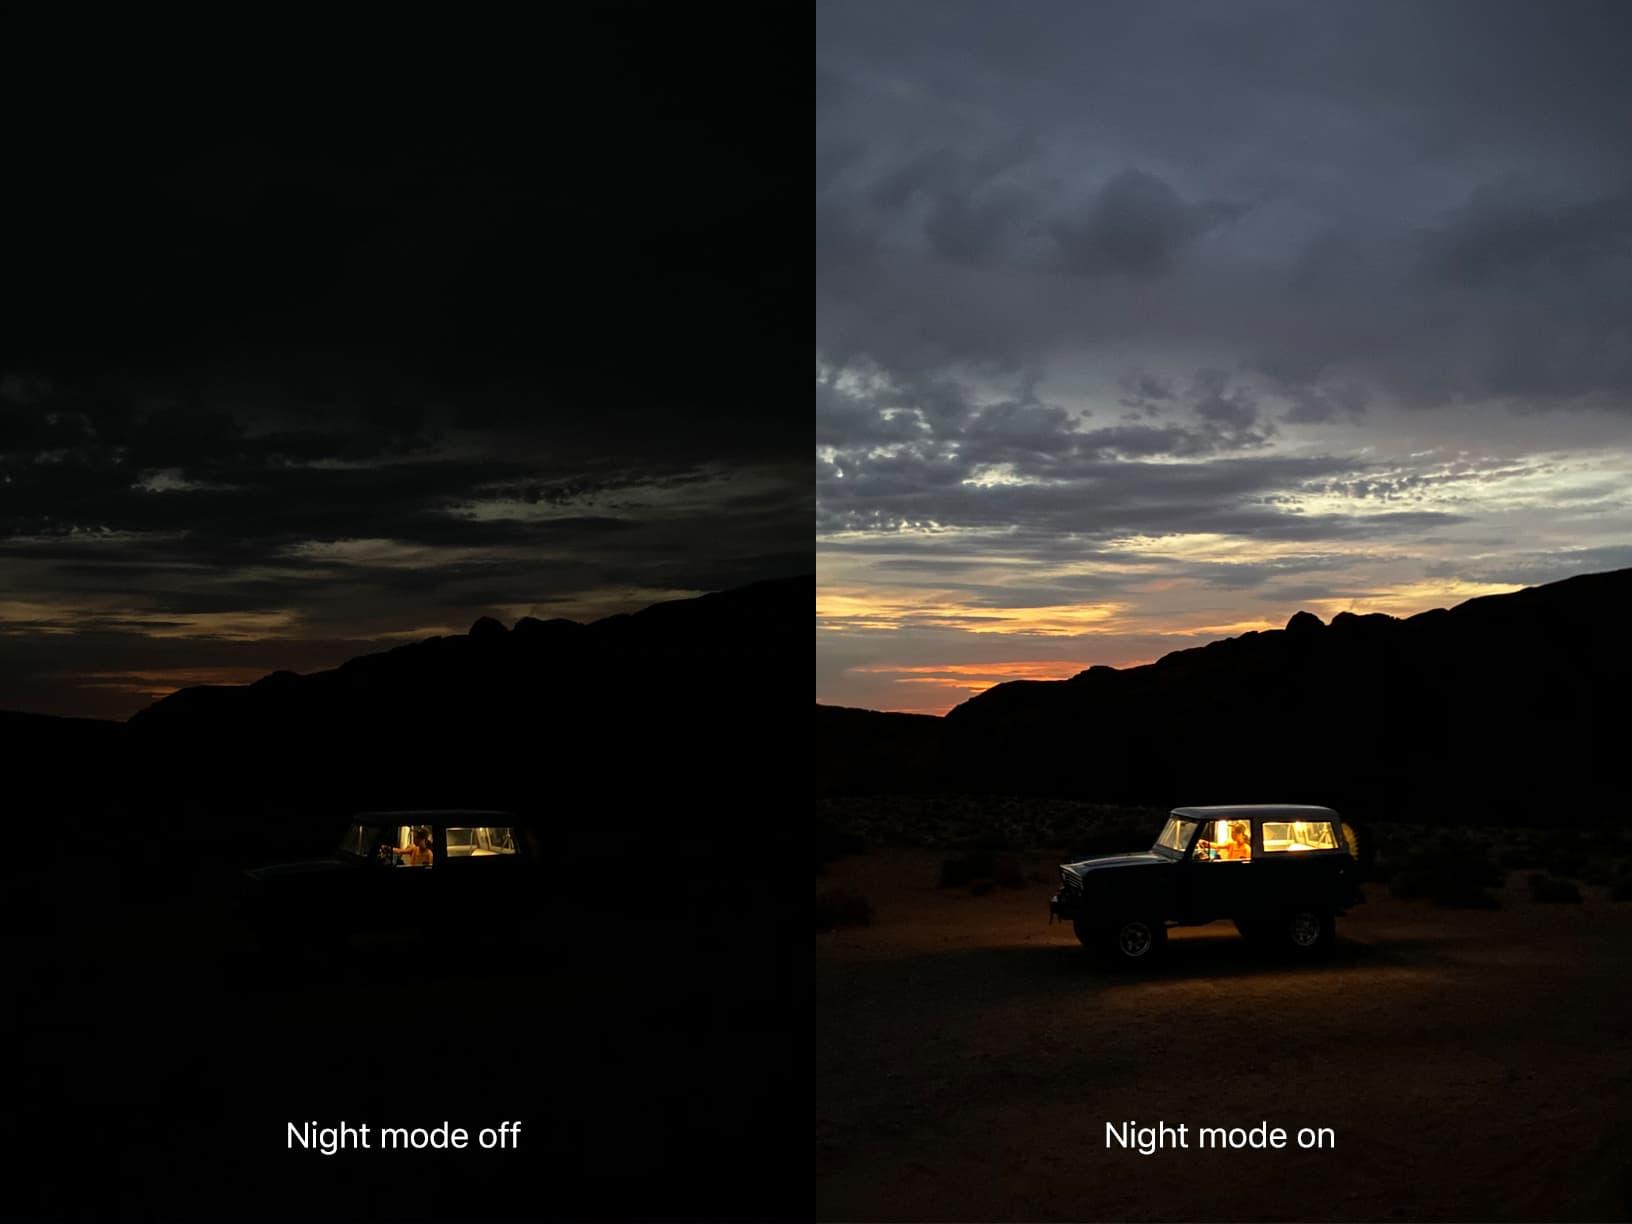 Jour... nuit... jour... nuit... jour... nuit